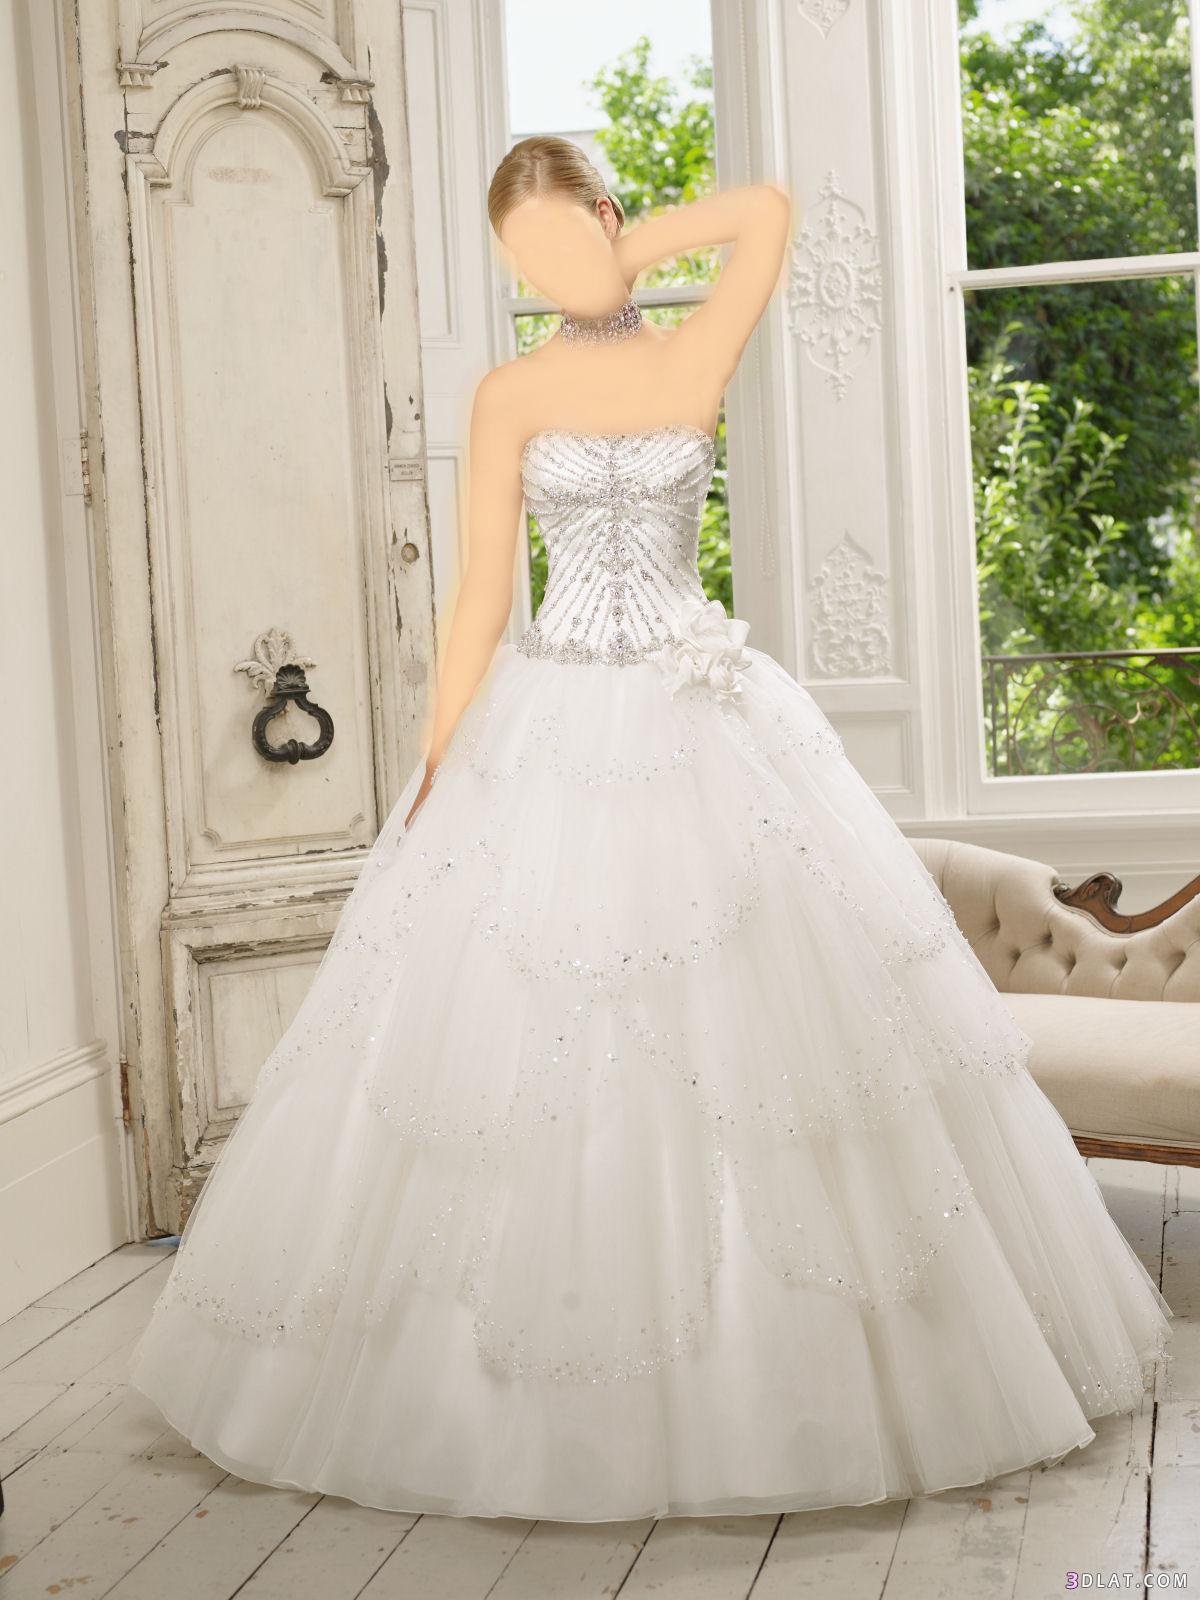 فساتين زواج 2021 فستاين زواج تحفة للعرائس